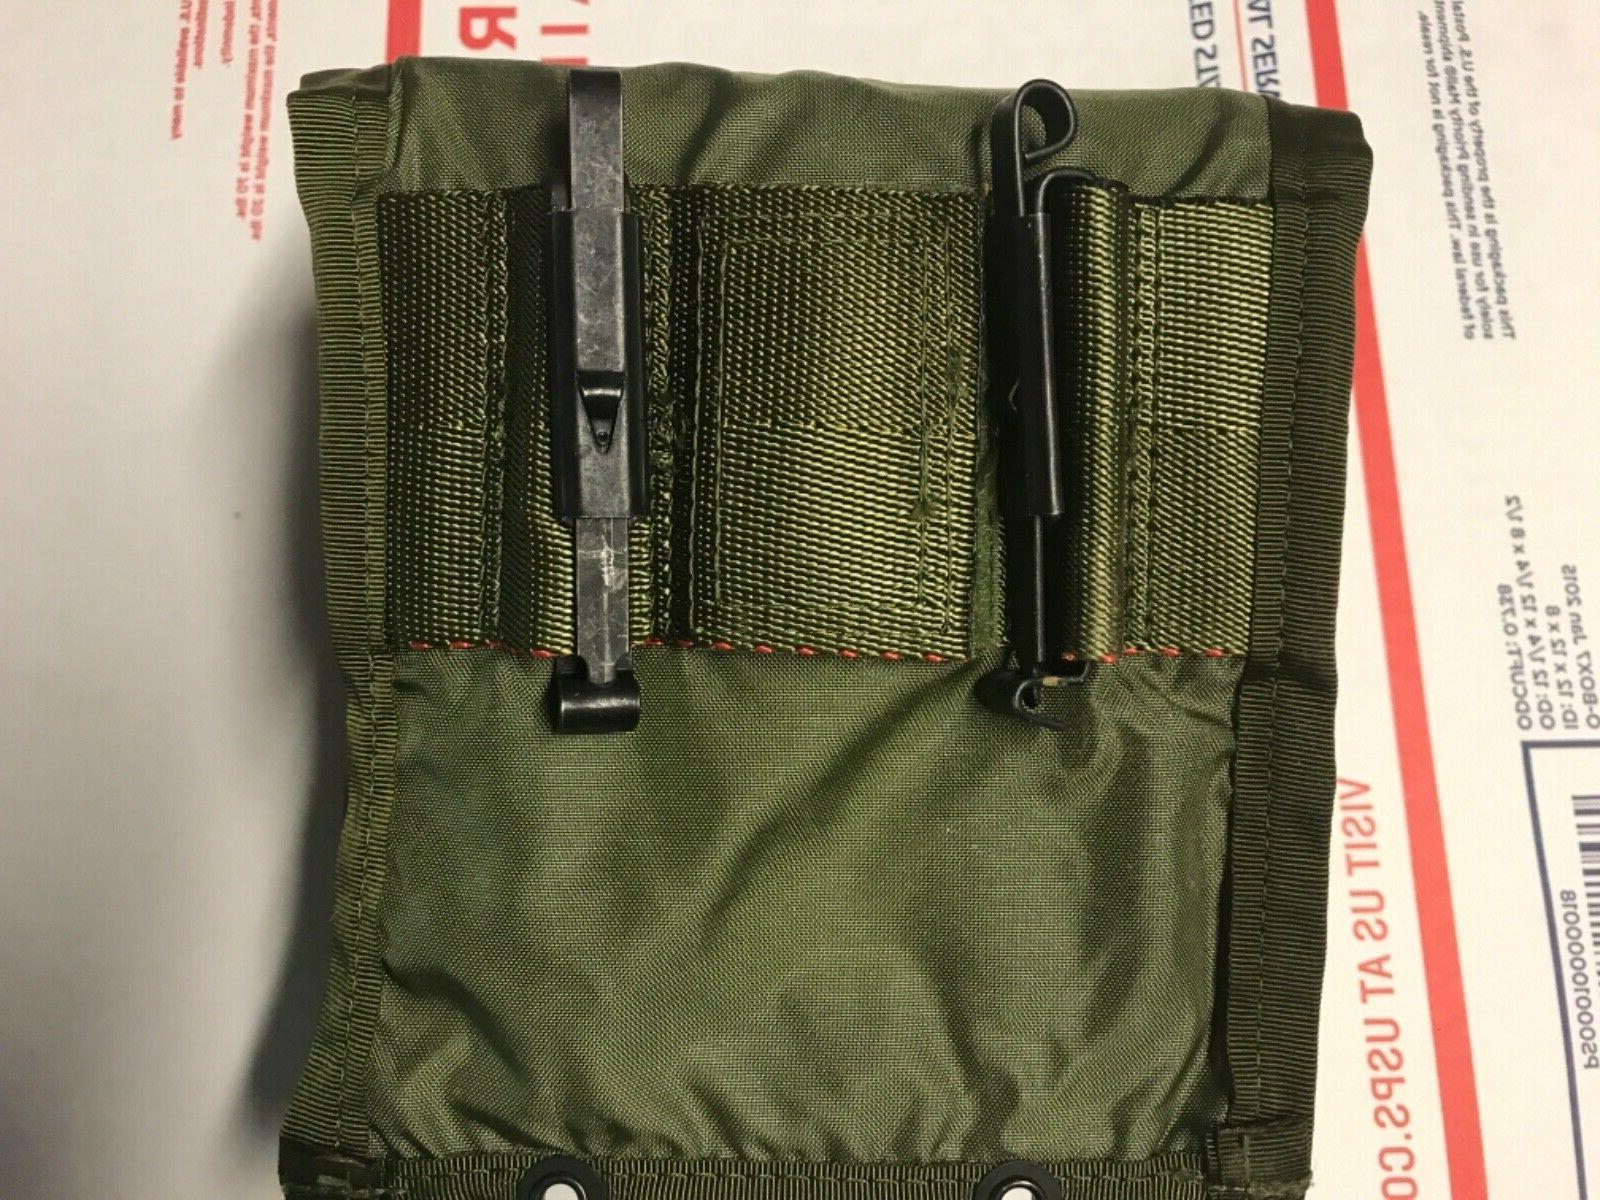 Military Individual Kit Gear Hiking Unused